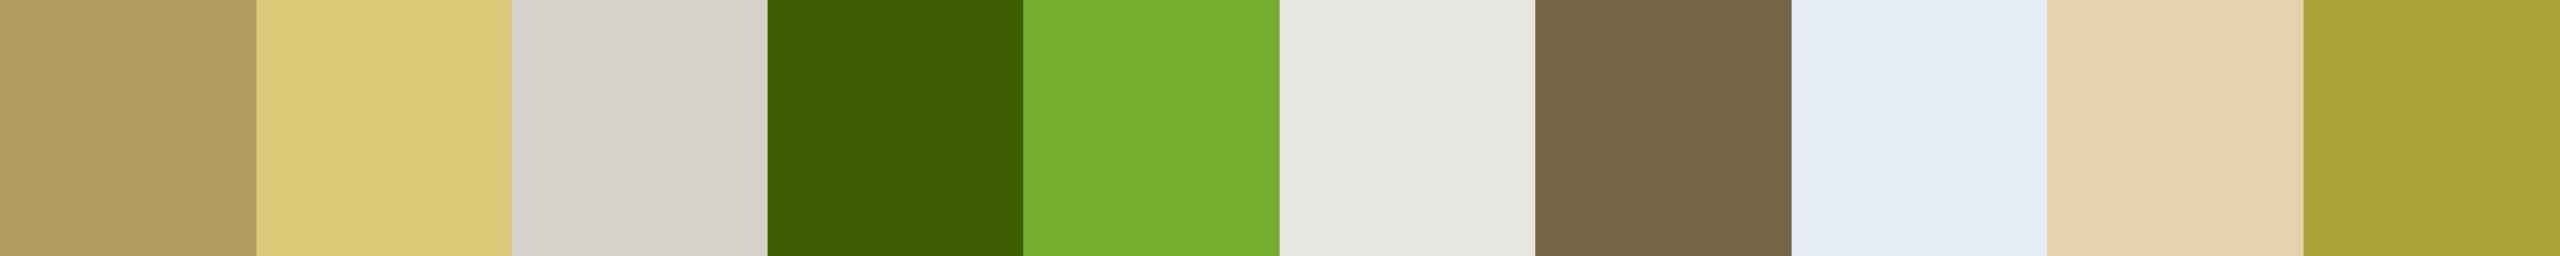 650 Ruhamia Color Palette